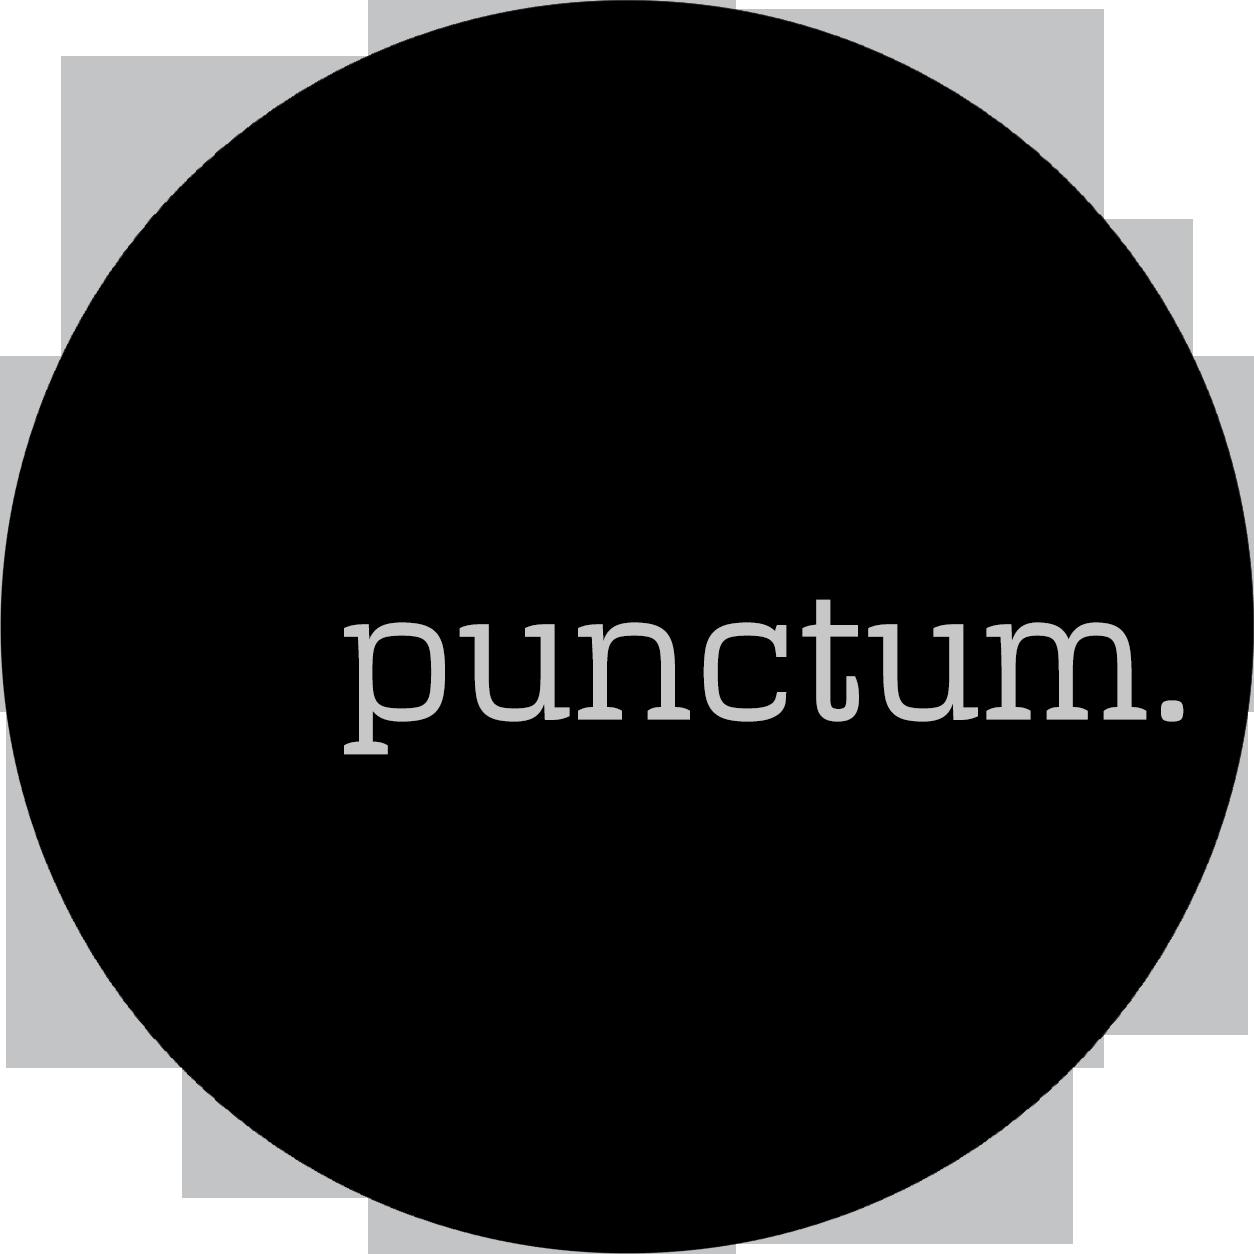 Punctum Architecture